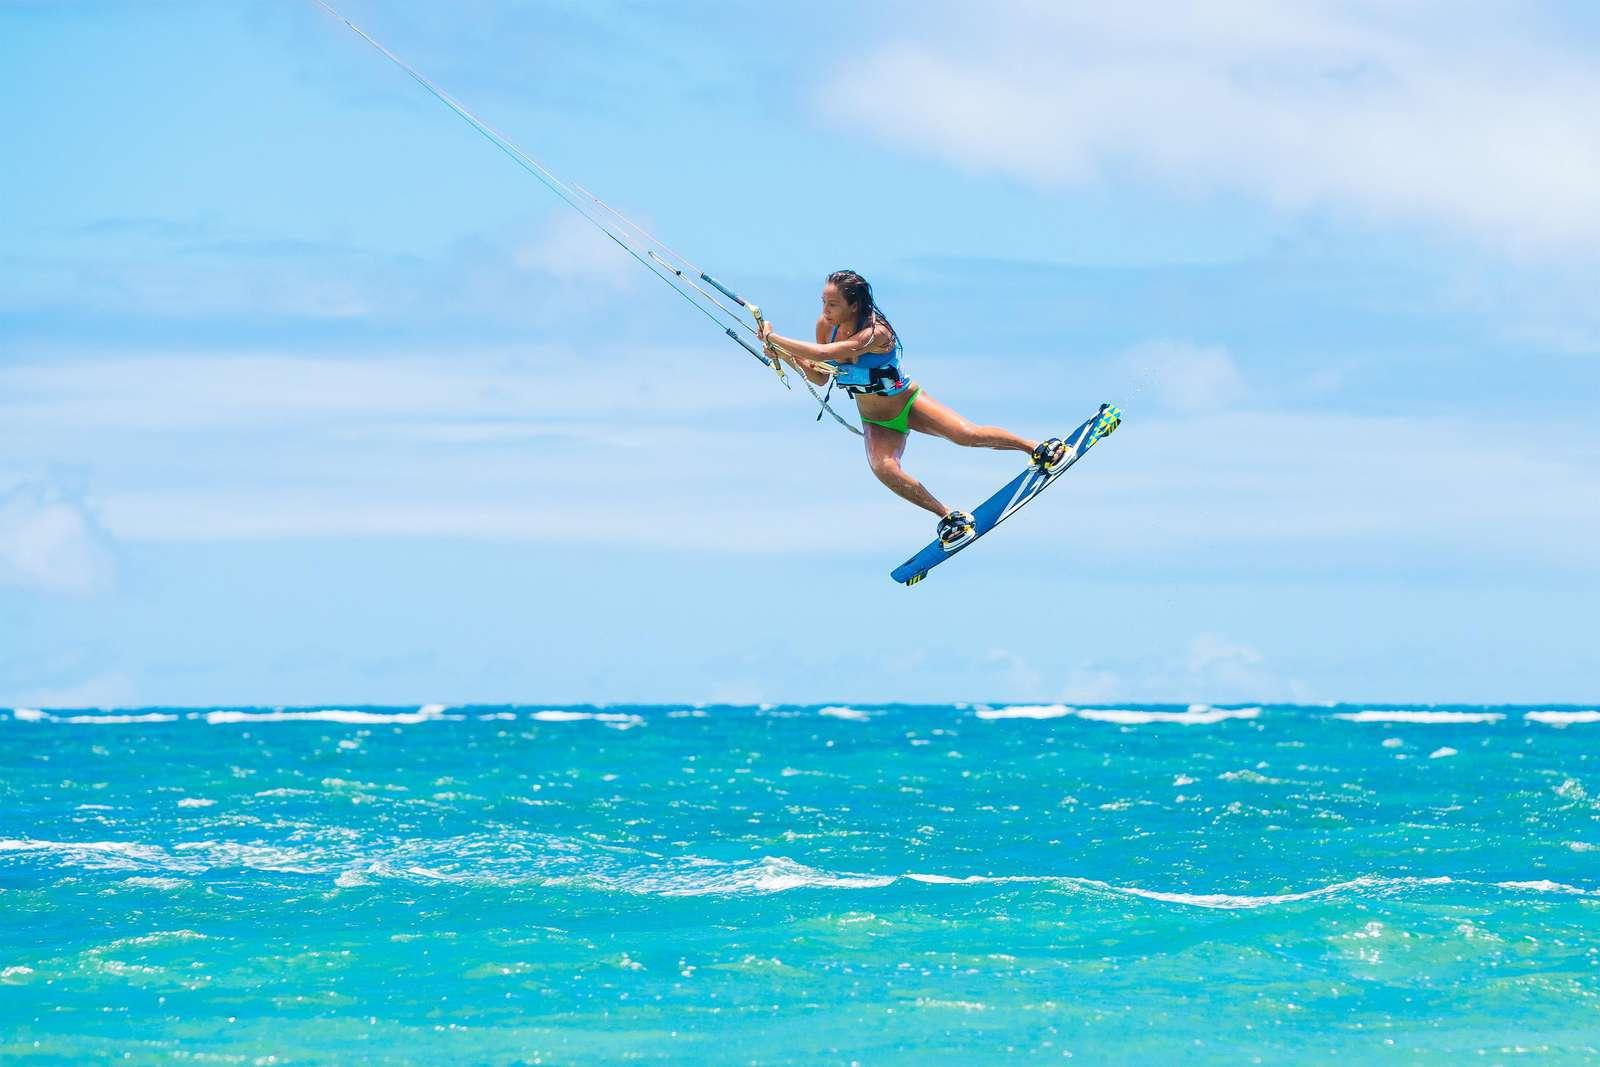 The best kitesurf beach is a few minutes walk